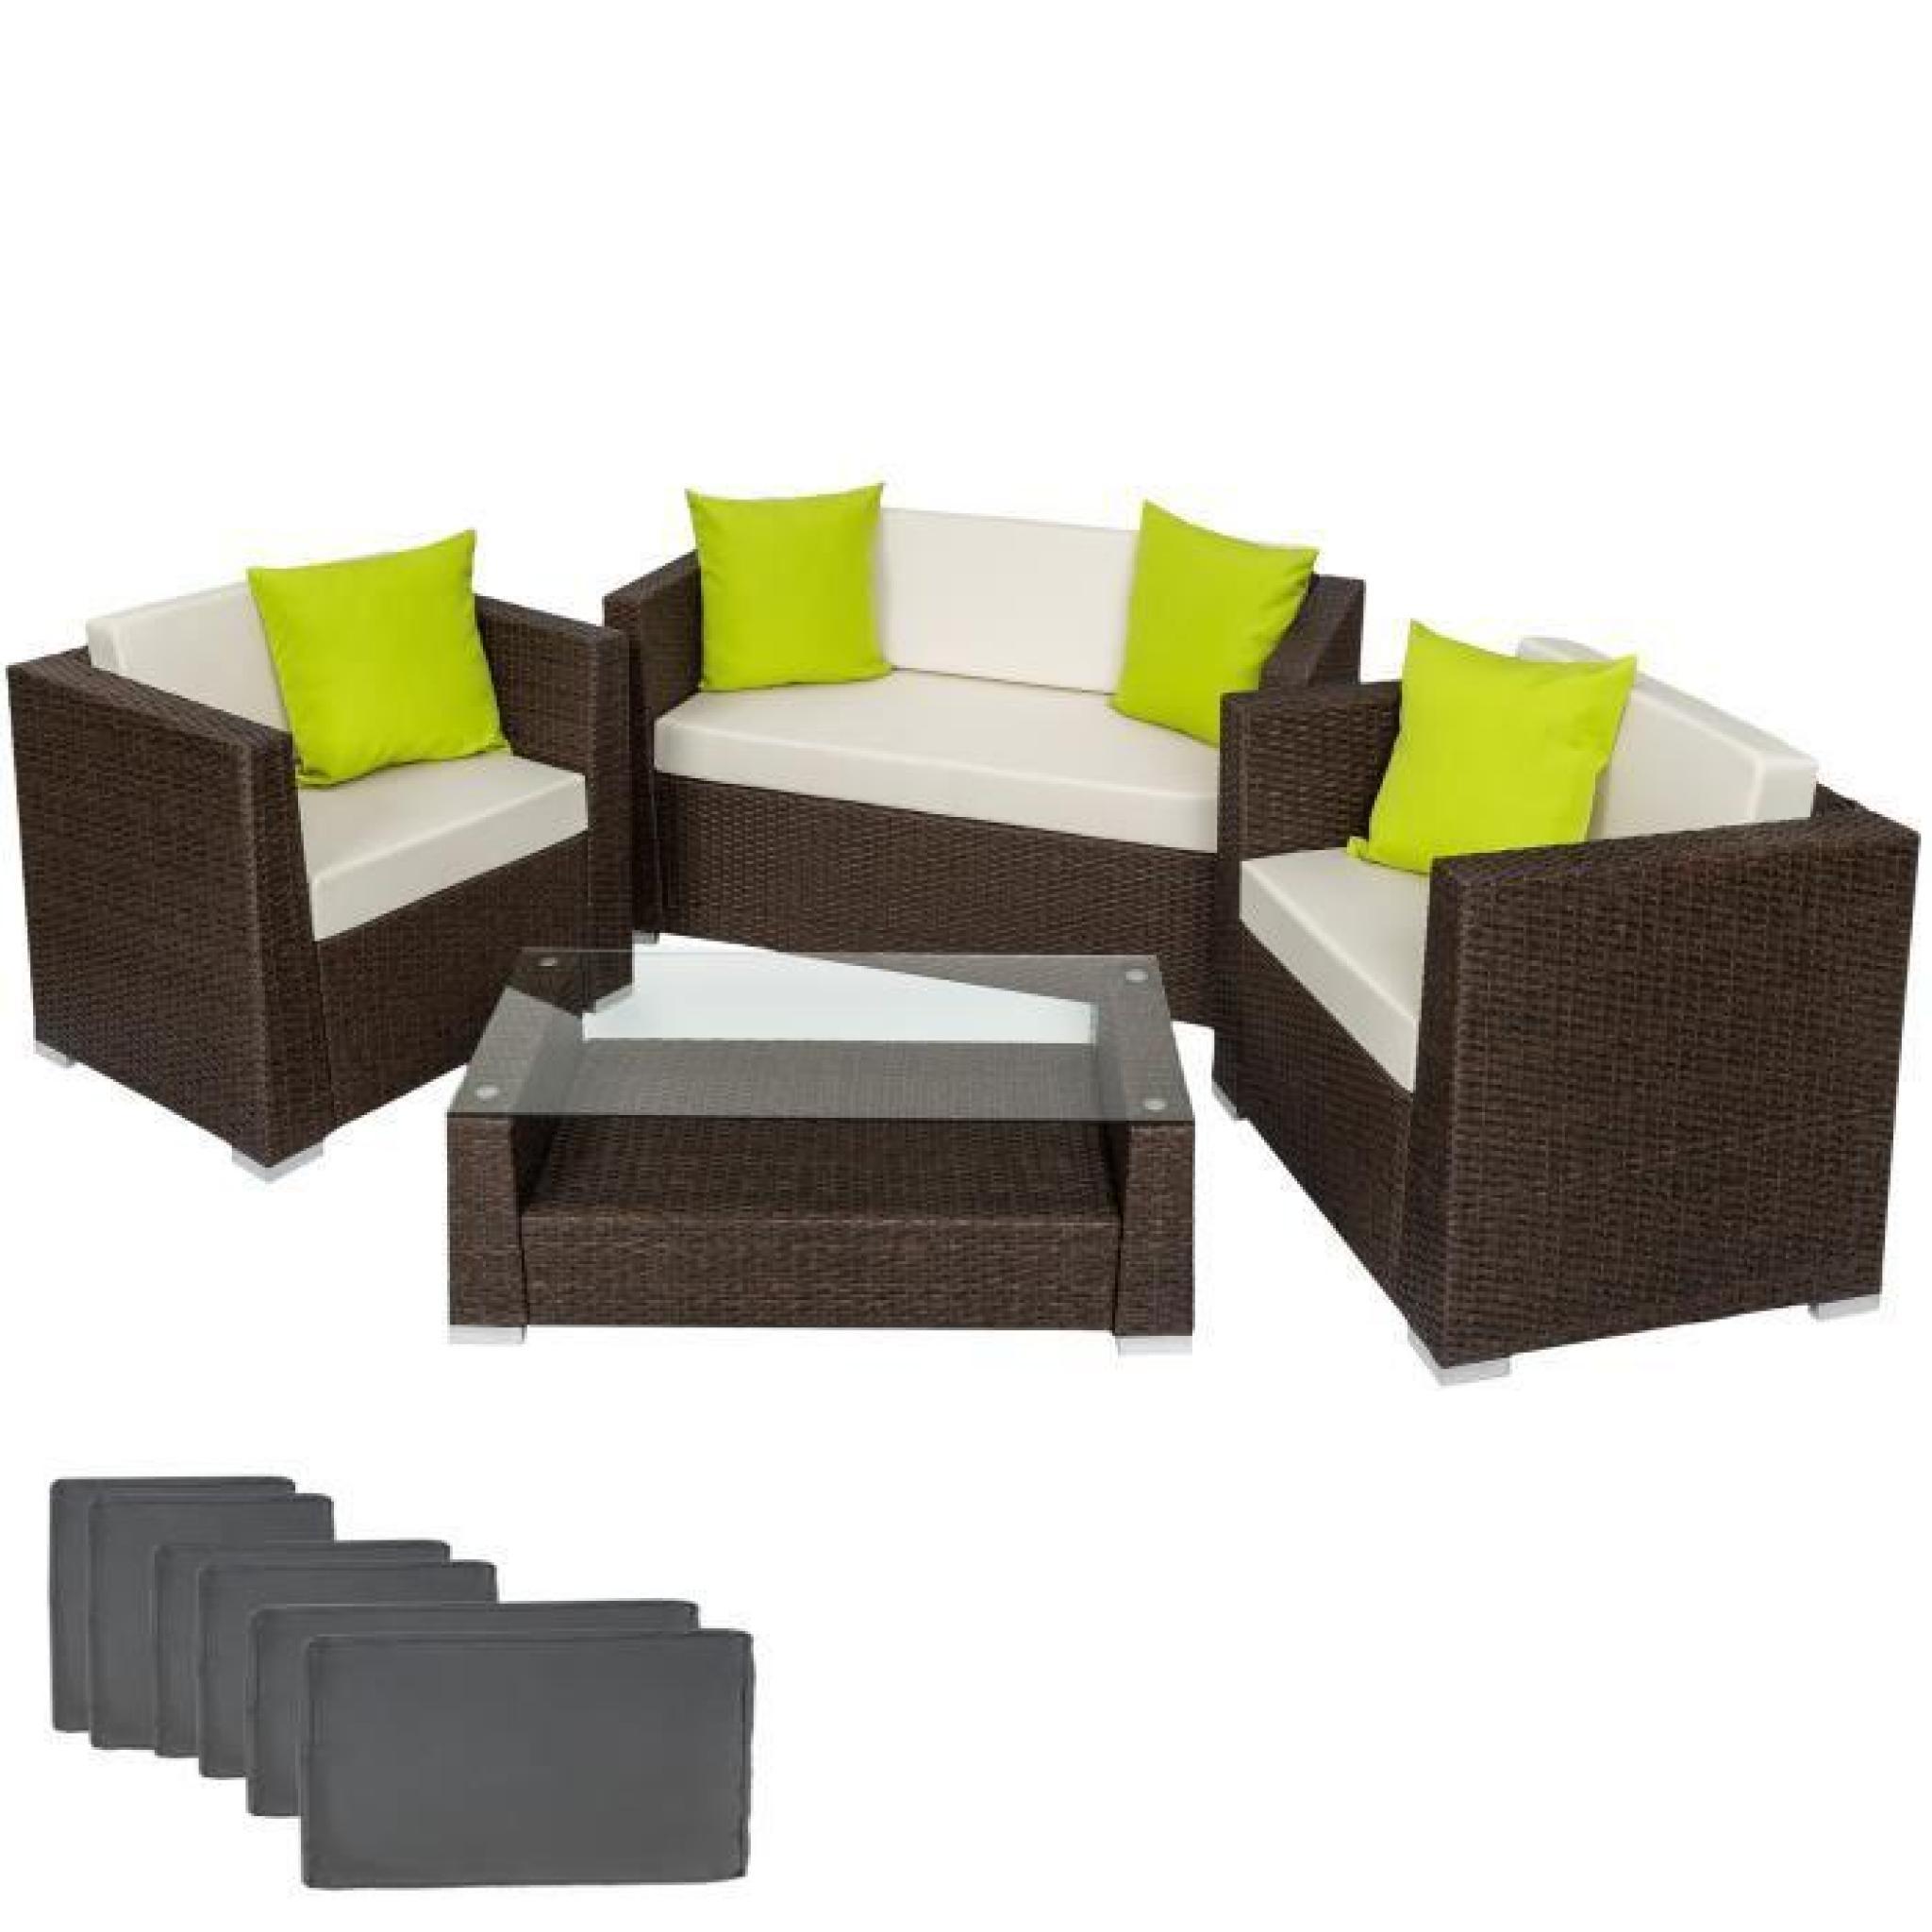 Salon de jardin ANTIQUE - 2 Chaises Fauteuils, 1 Canapé, 1 Table en Résine  Tressée Poly Rotin structure Aluminium Marron TECTAKE